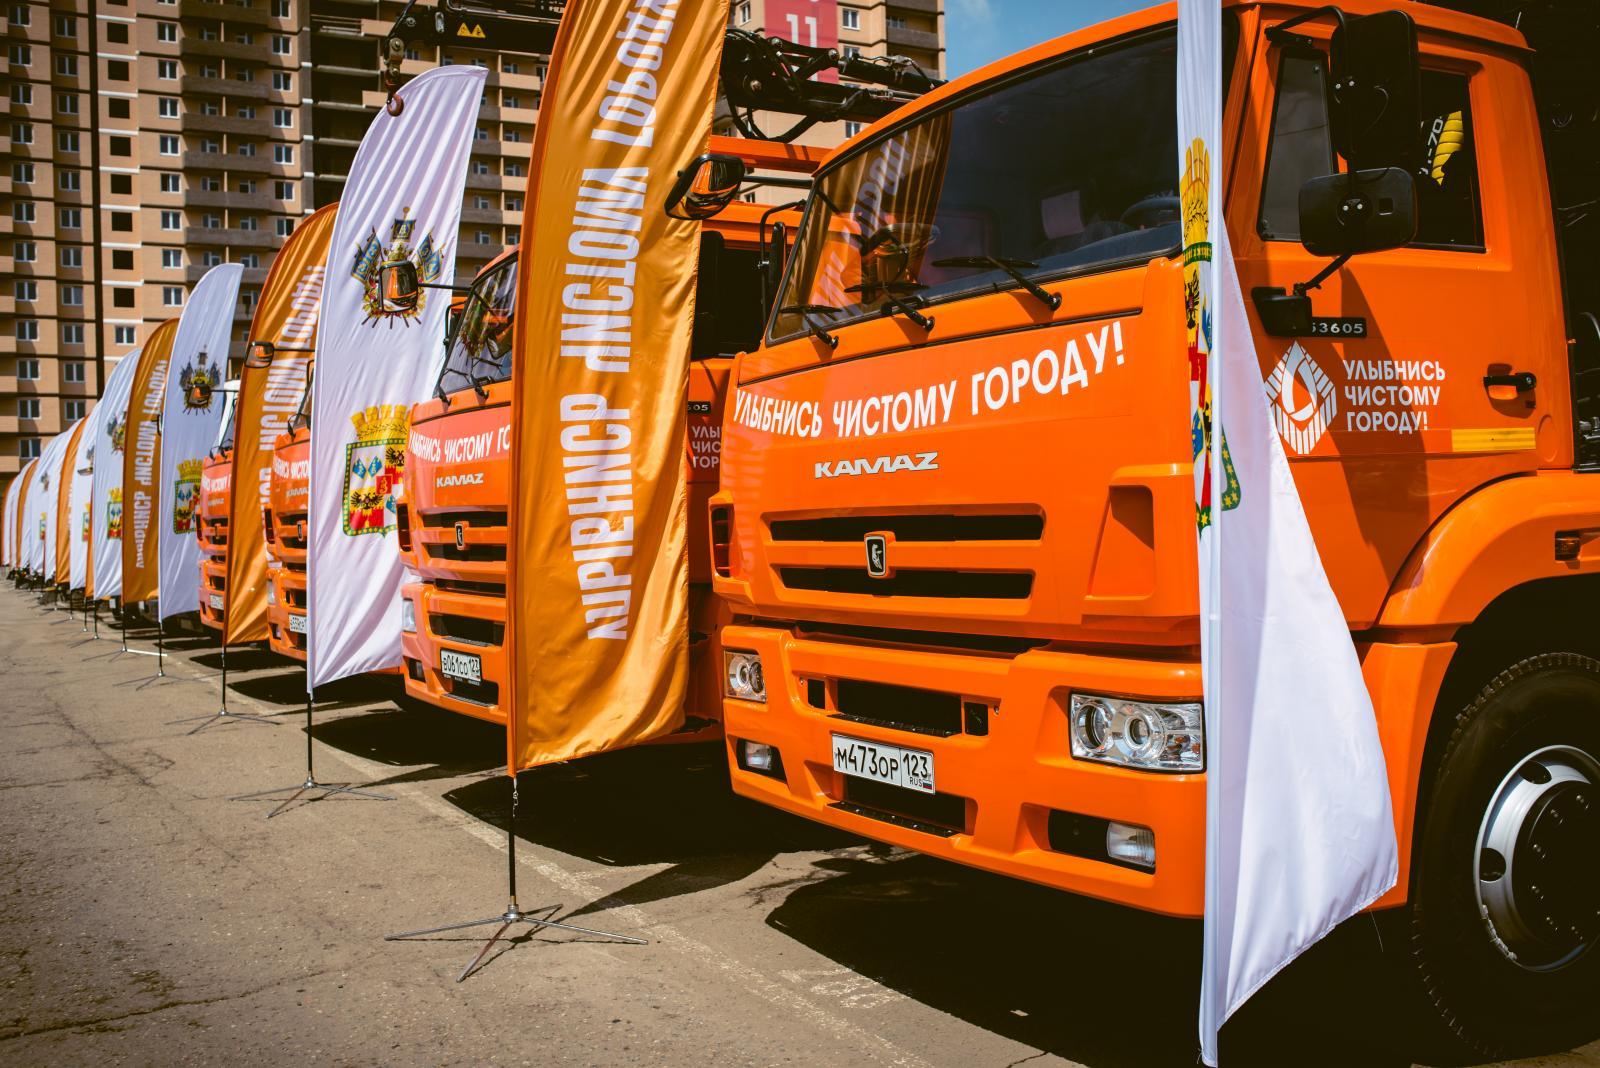 Оао мусороуборочная компания краснодар официальный сайт сайт компании су 22